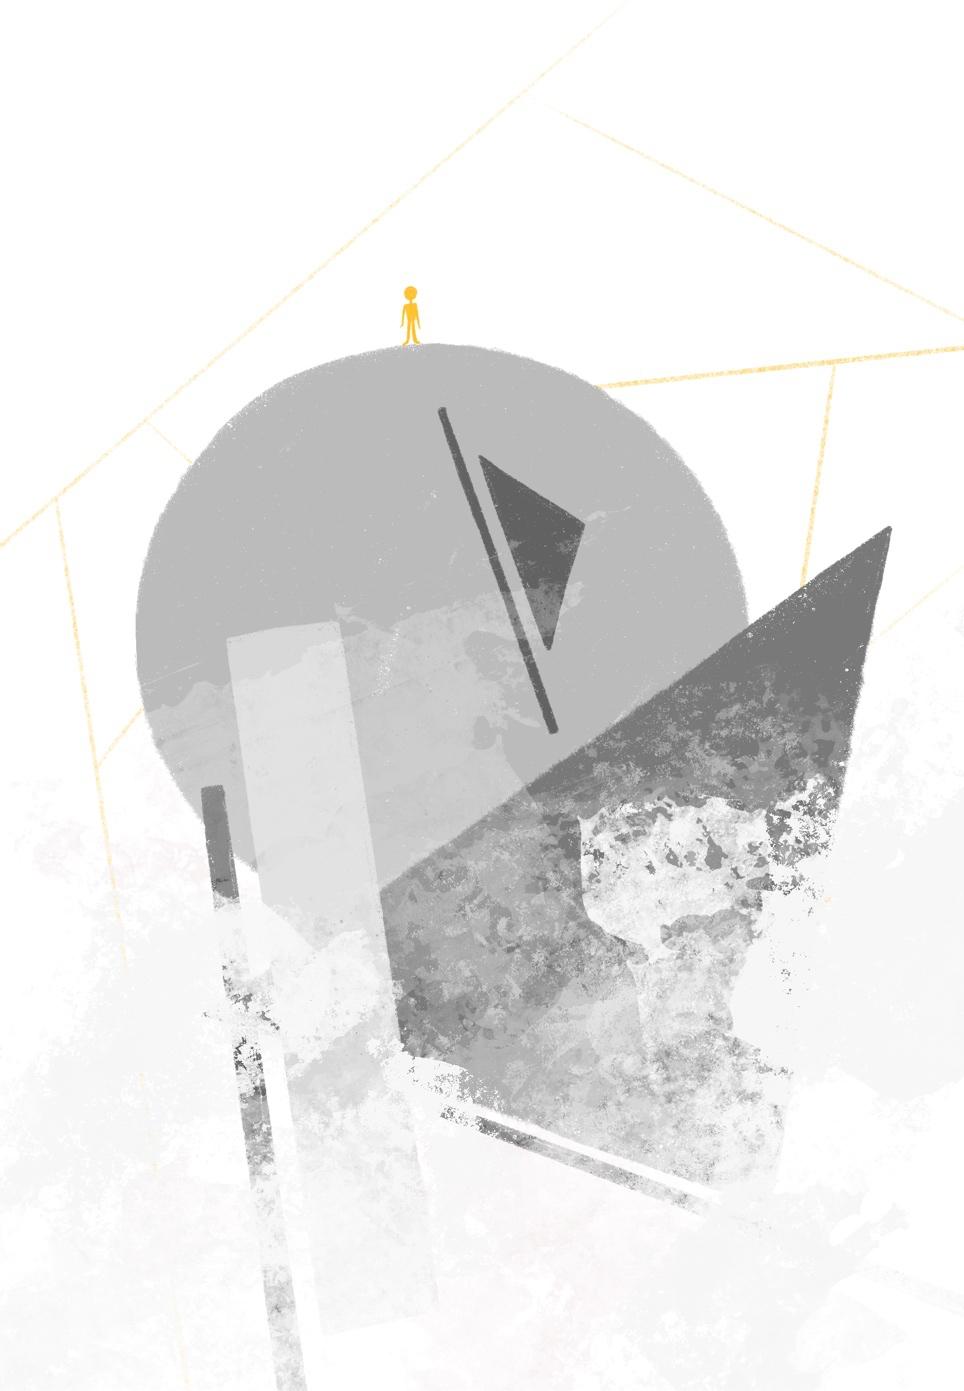 Жизнь без понтов. Конструктивизм как архитектурный стиль и мировоззрение. Часть I